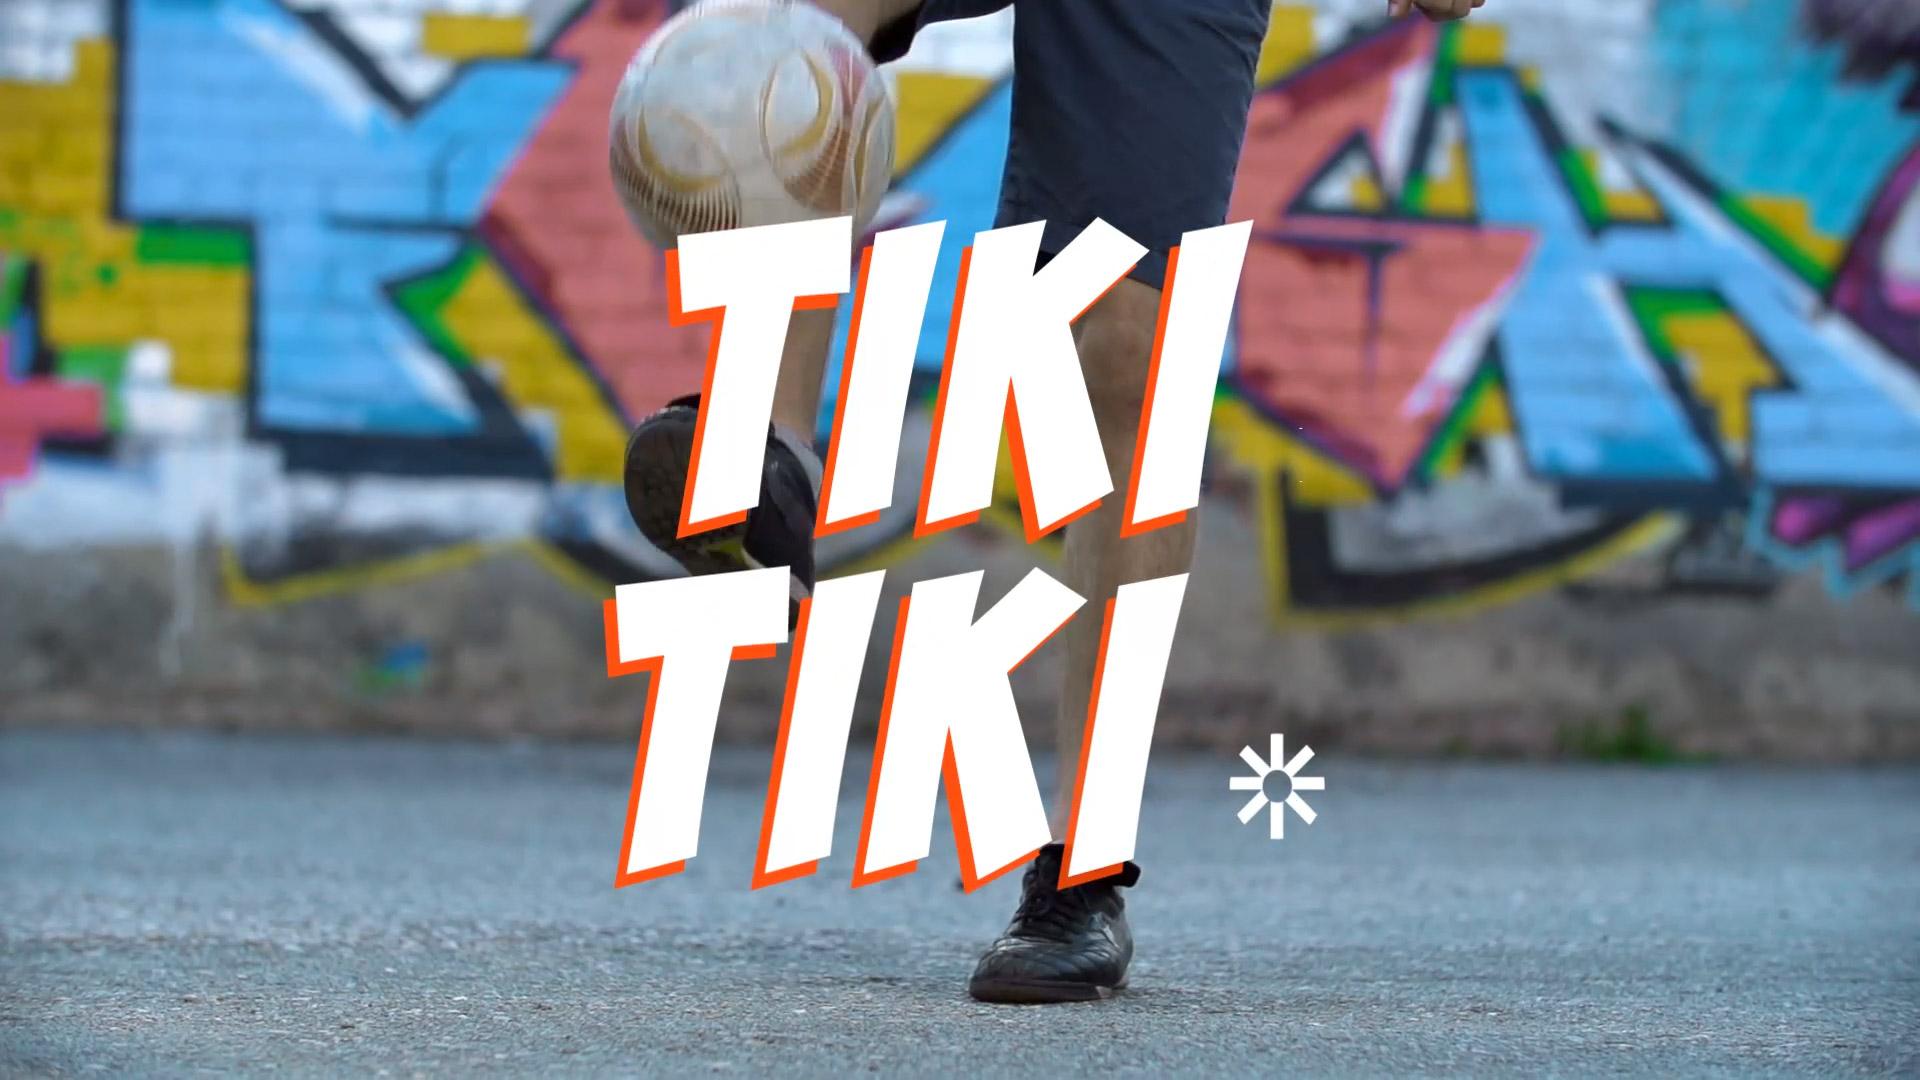 Ribeiro Taka-Taka